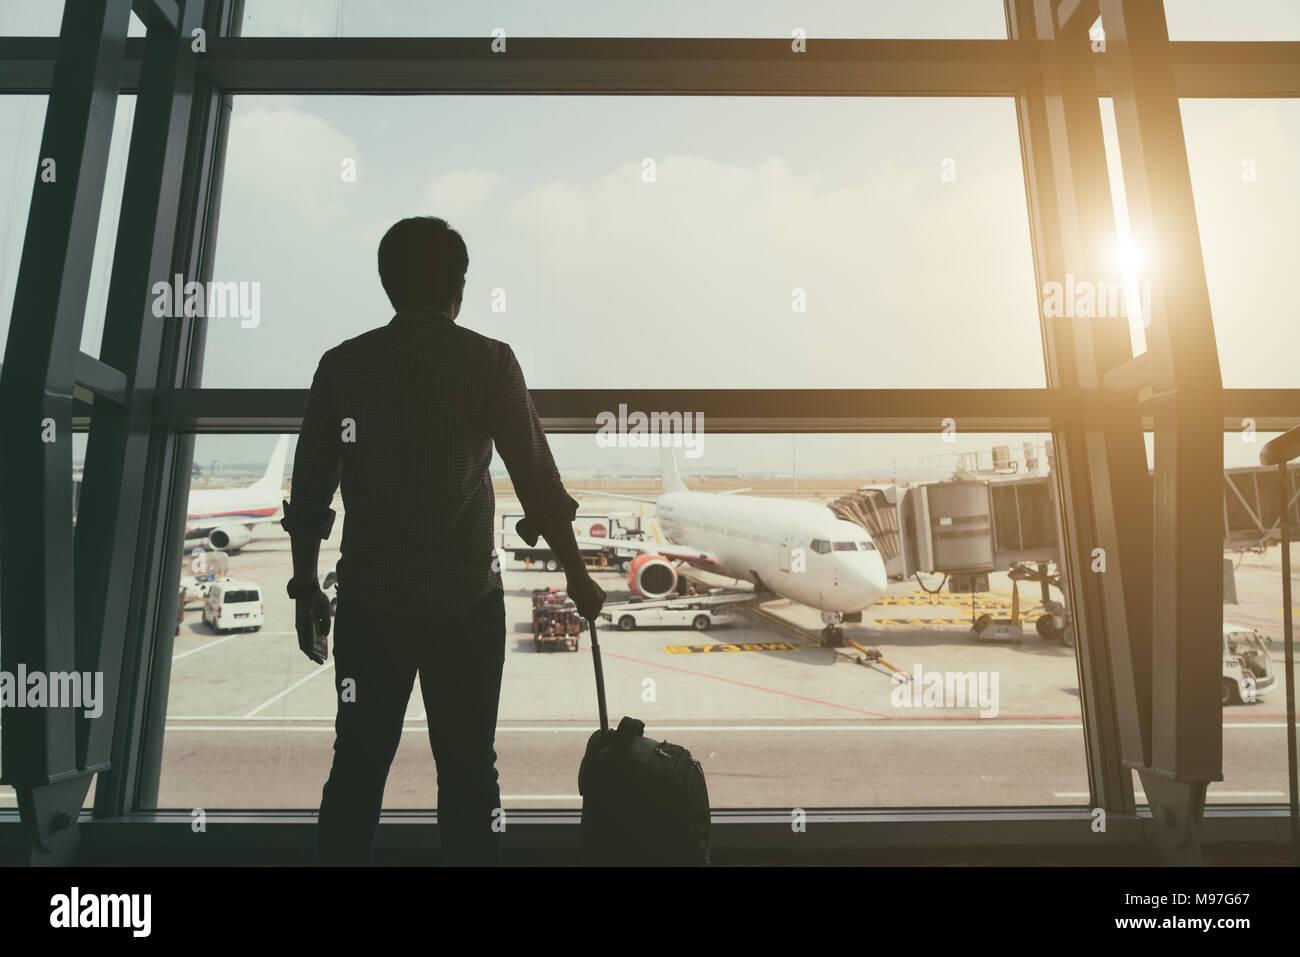 Lato posteriore del ragazzo del viaggiatore in termainal all aeroporto guardando il piano di volo sopra aeroporto, viaggi e vacanze di concetto di stile di vita Immagini Stock